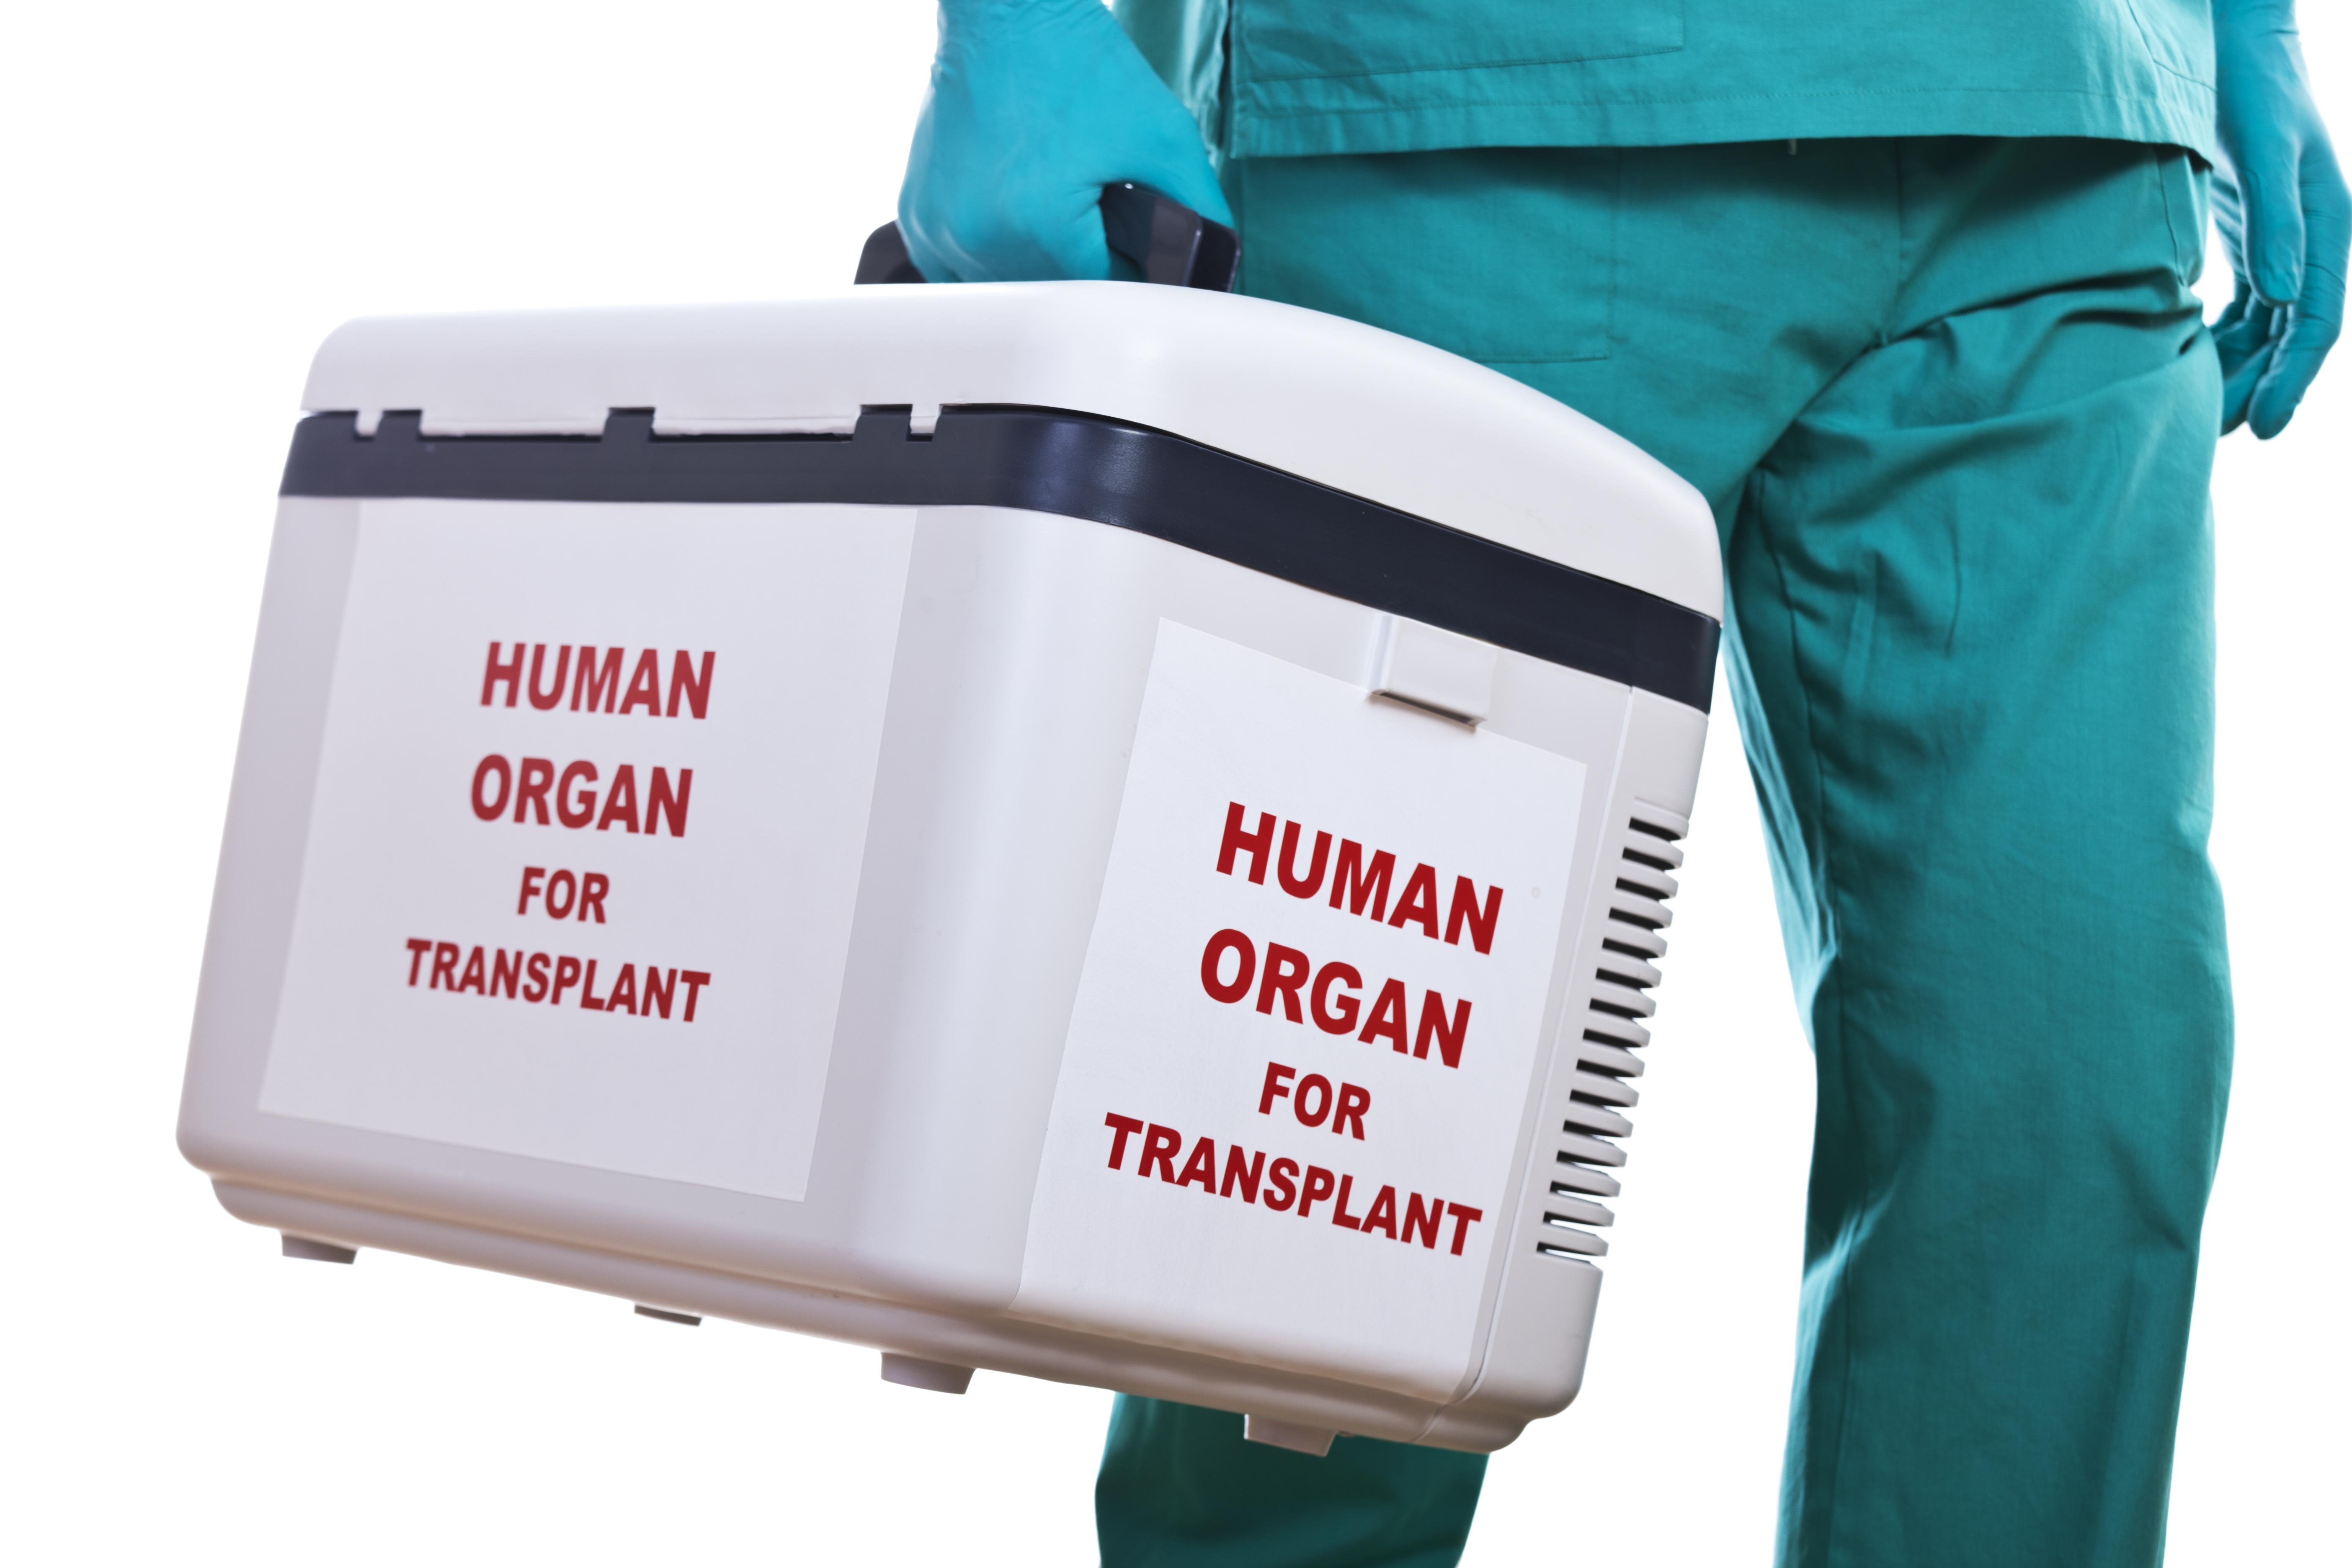 kardiotrans-krankentransport-kunstherzpatienten-herztransplantation-lungentansplantation-transplantierte-verlegungsfahrten-spezialtransporte